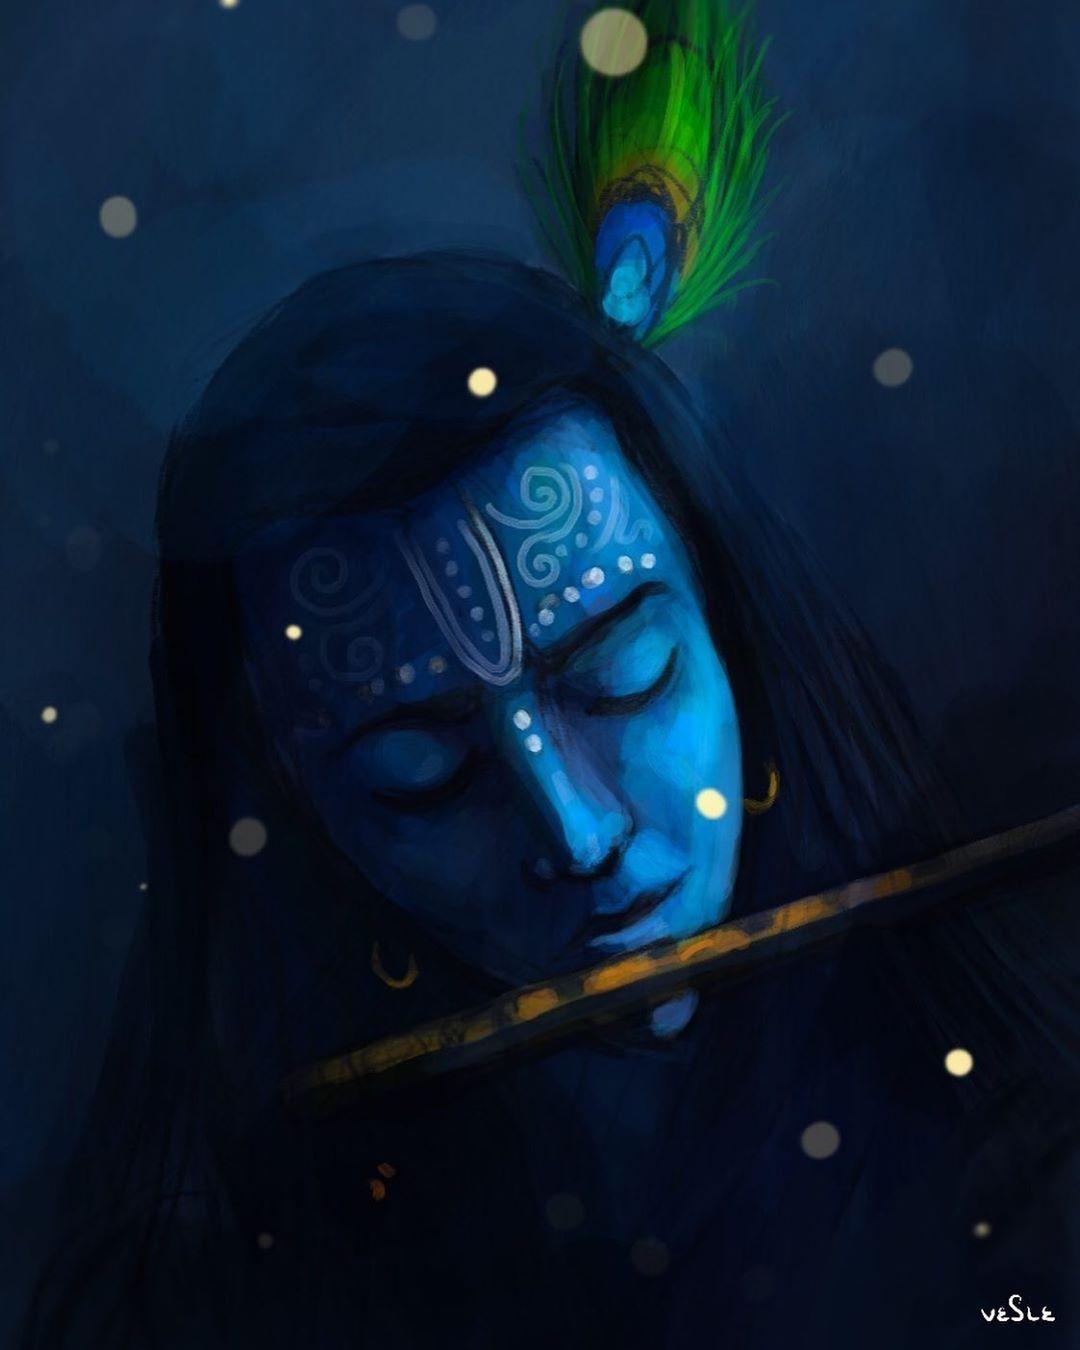 Lord krishna hd wallpaper, Shiva art